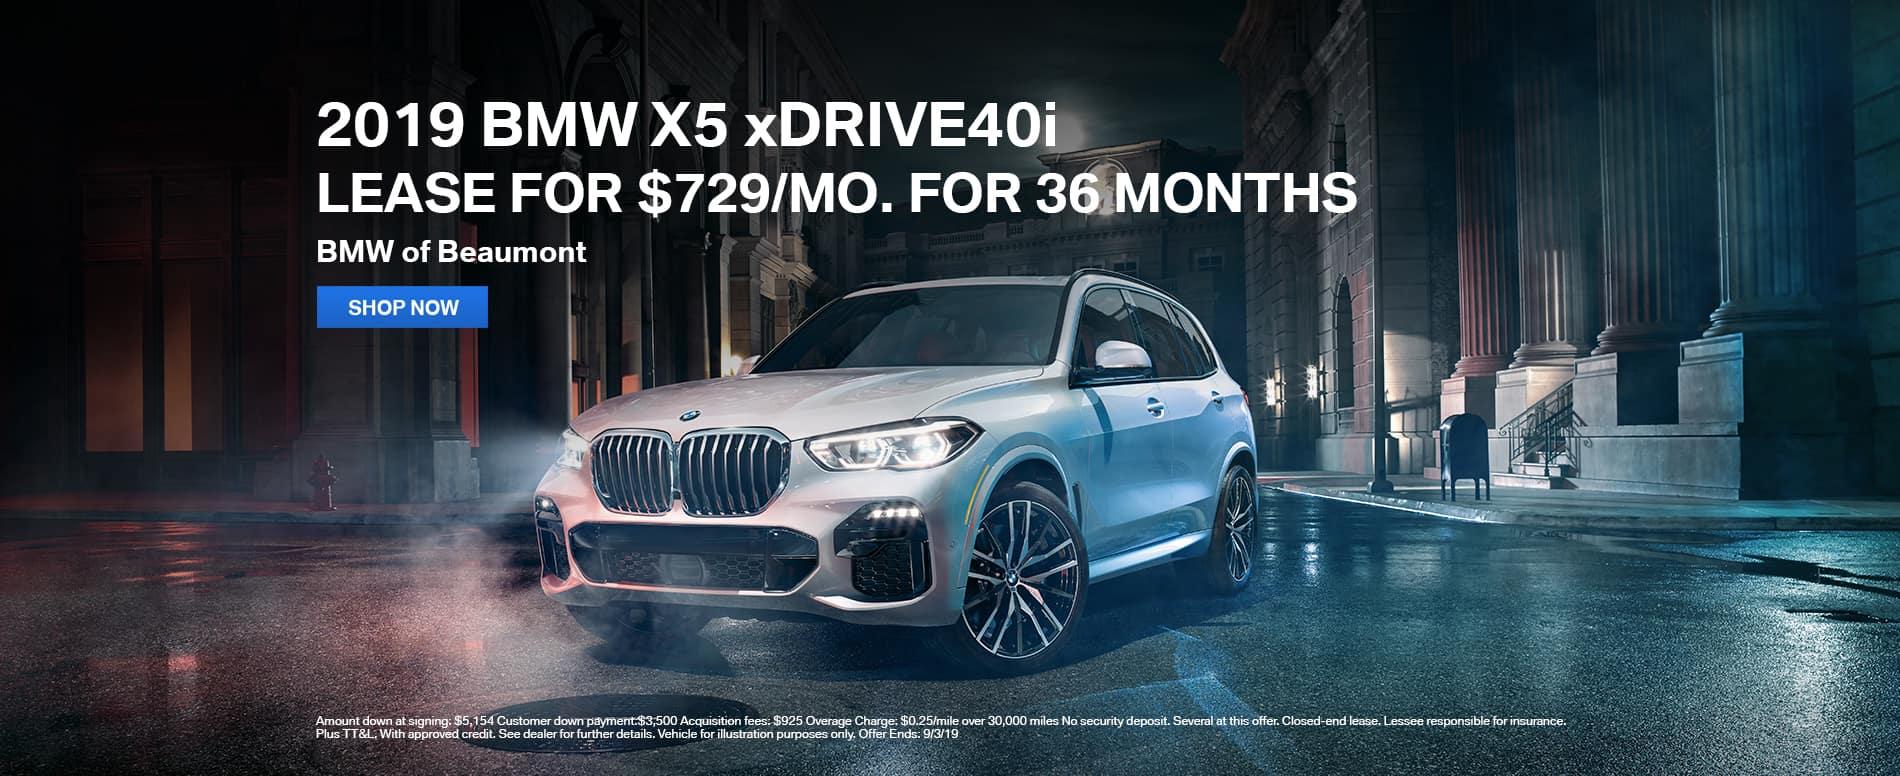 2019-BMW-X5-XDrive-40i